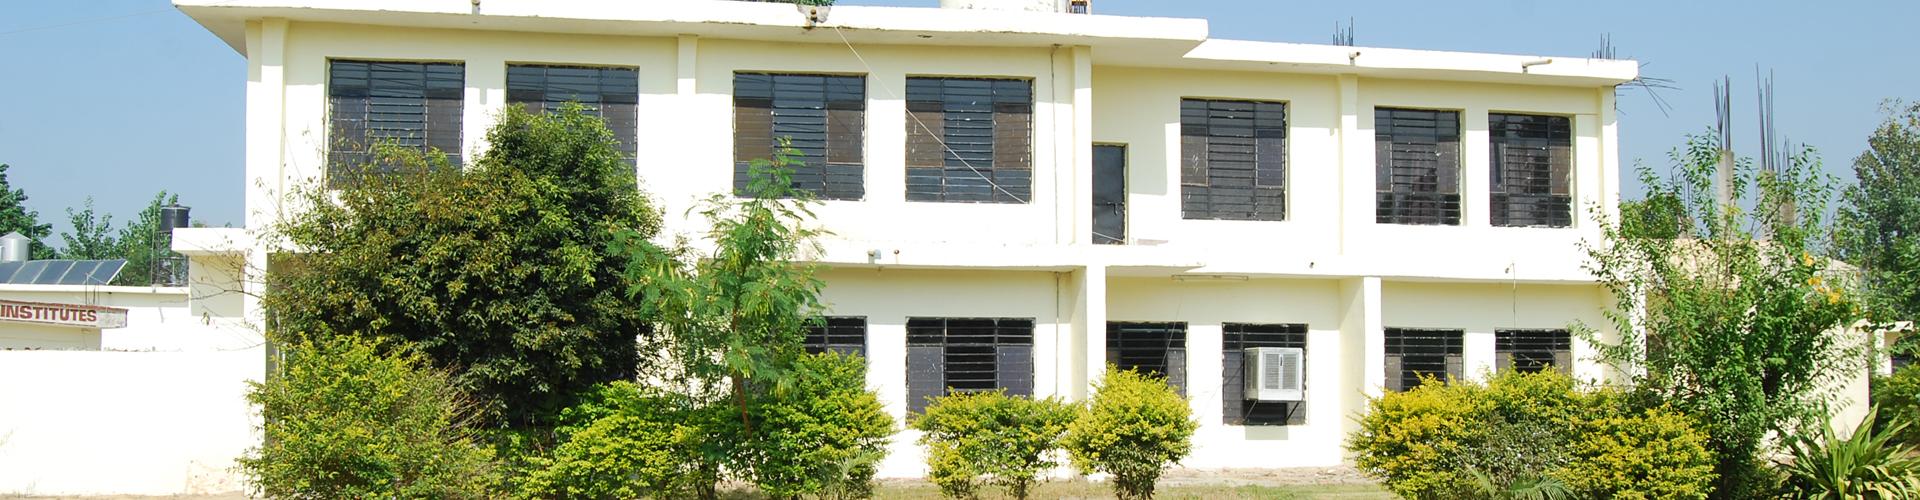 Smt Urmila Devi Institute of B.Sc Nursing Image